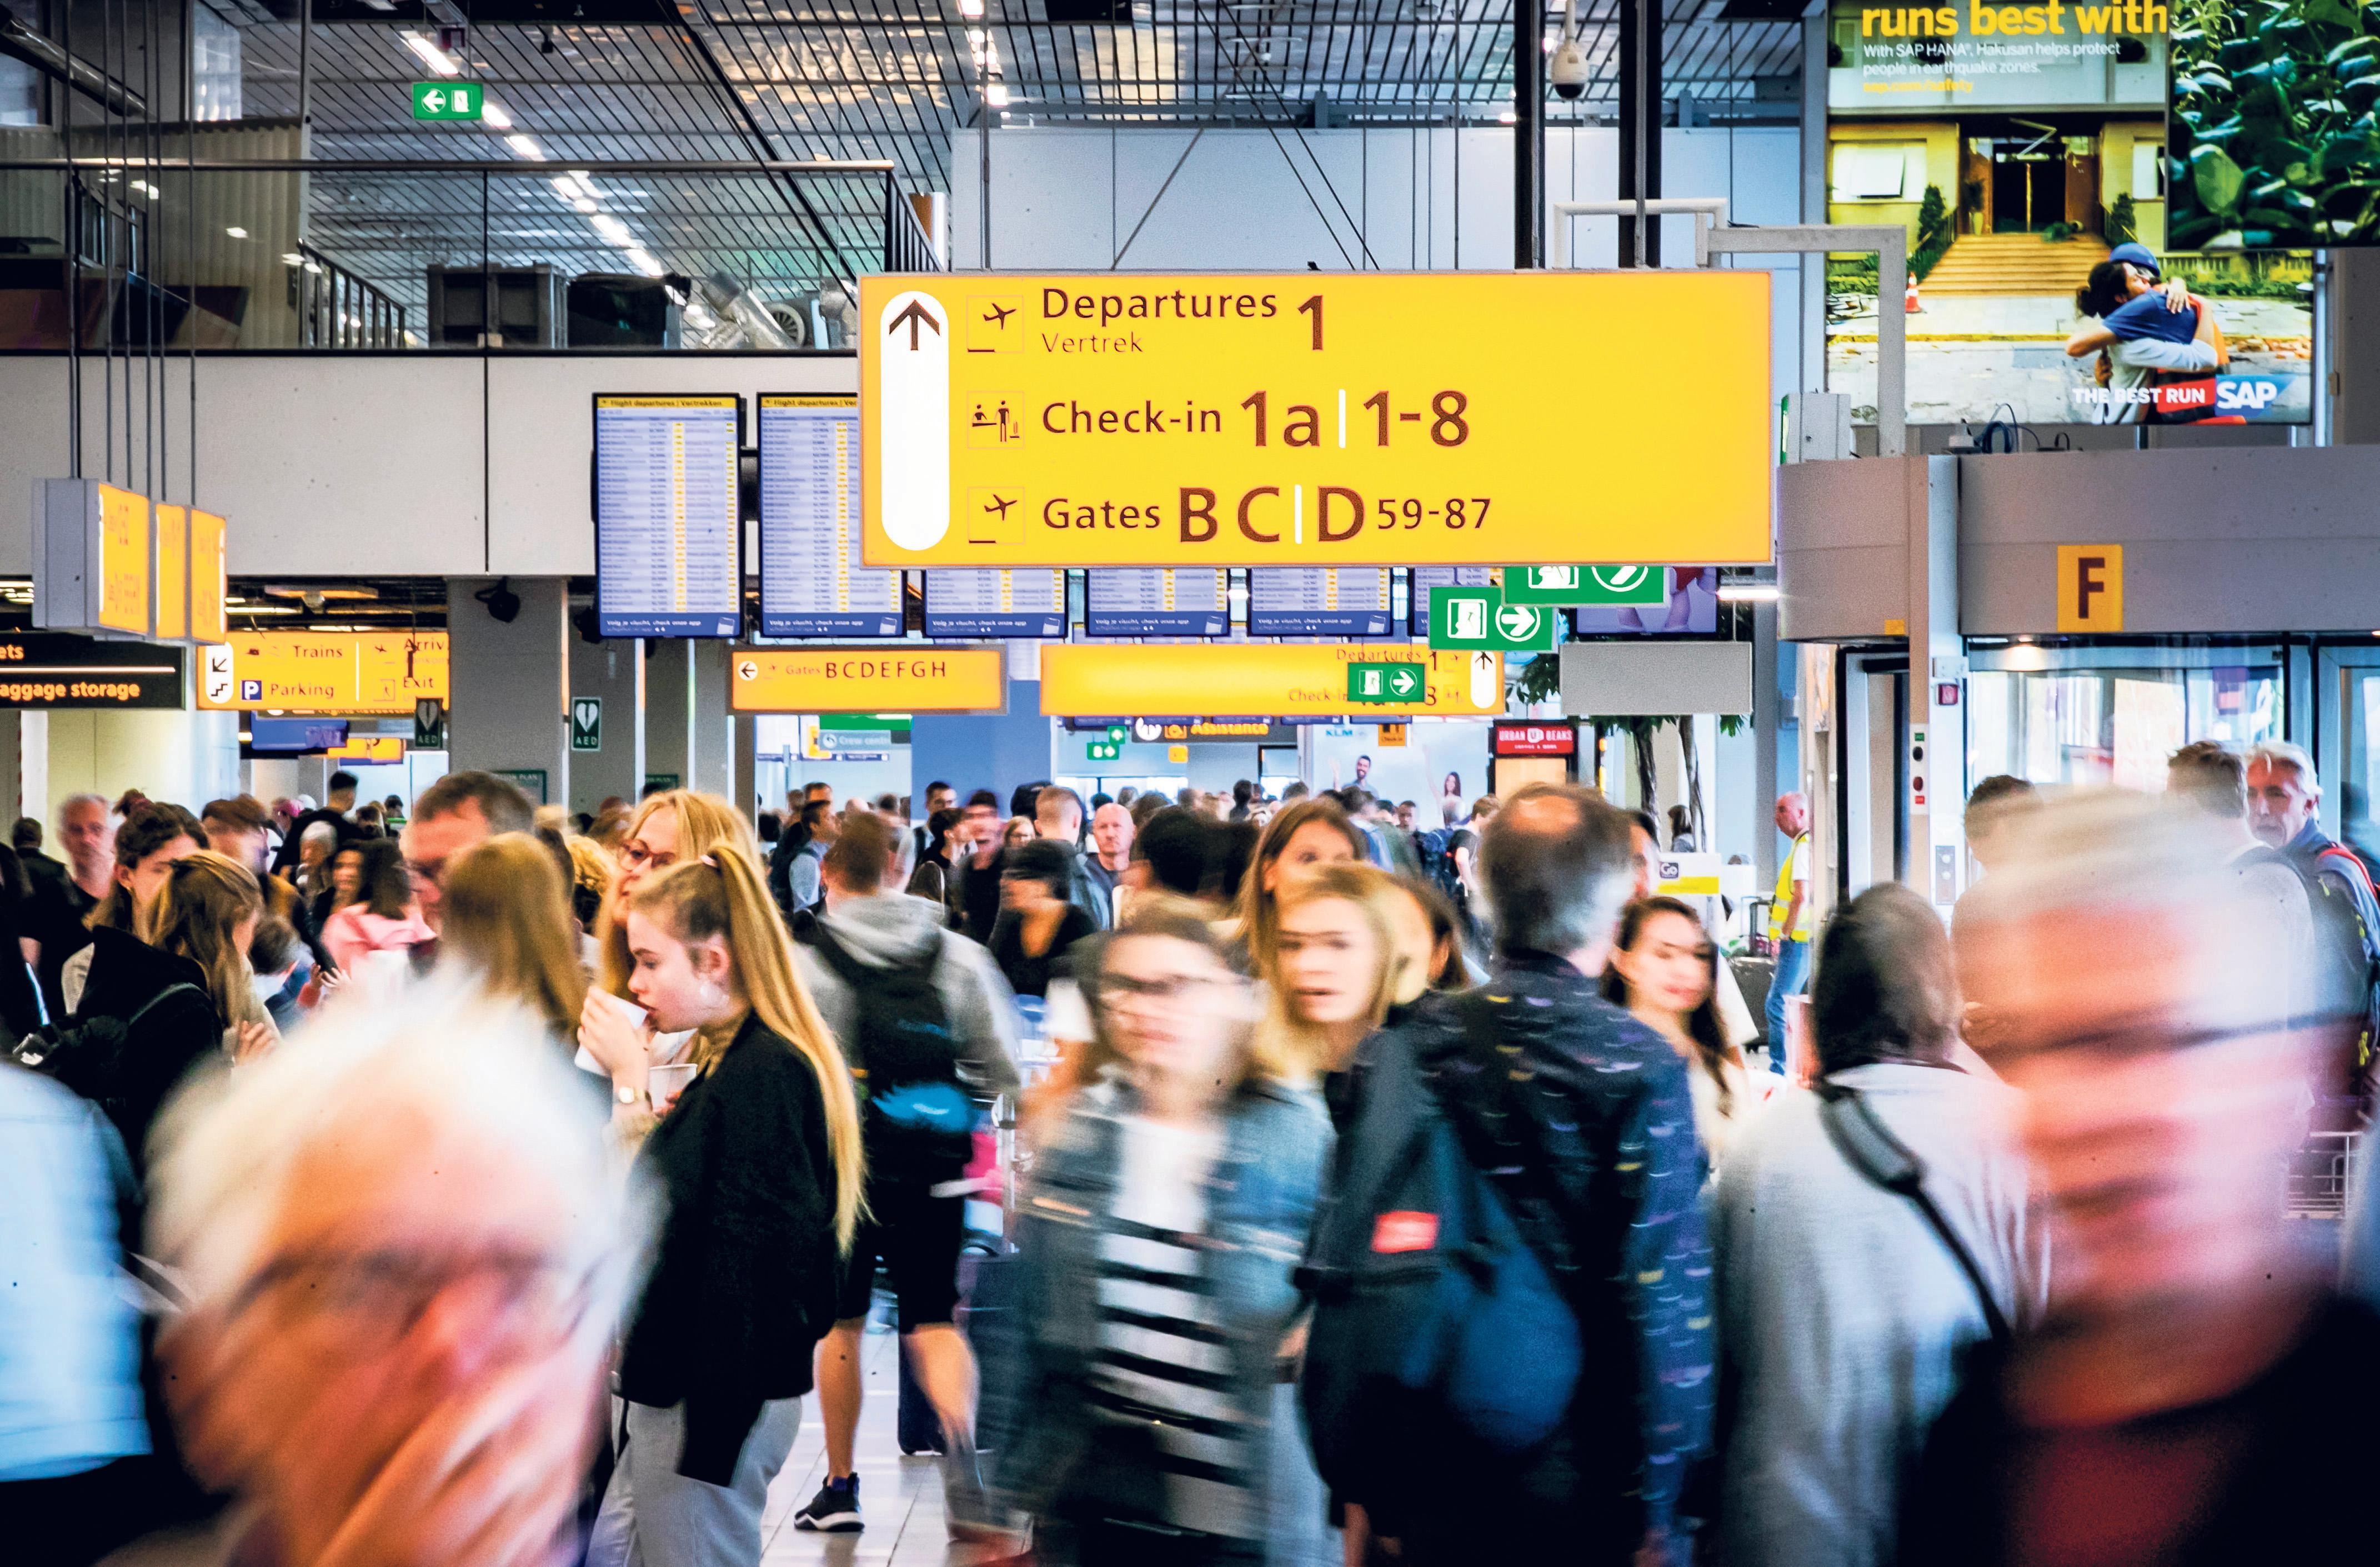 Schiphol gaat wachttijden voorspellen bij veiligheidscontrole